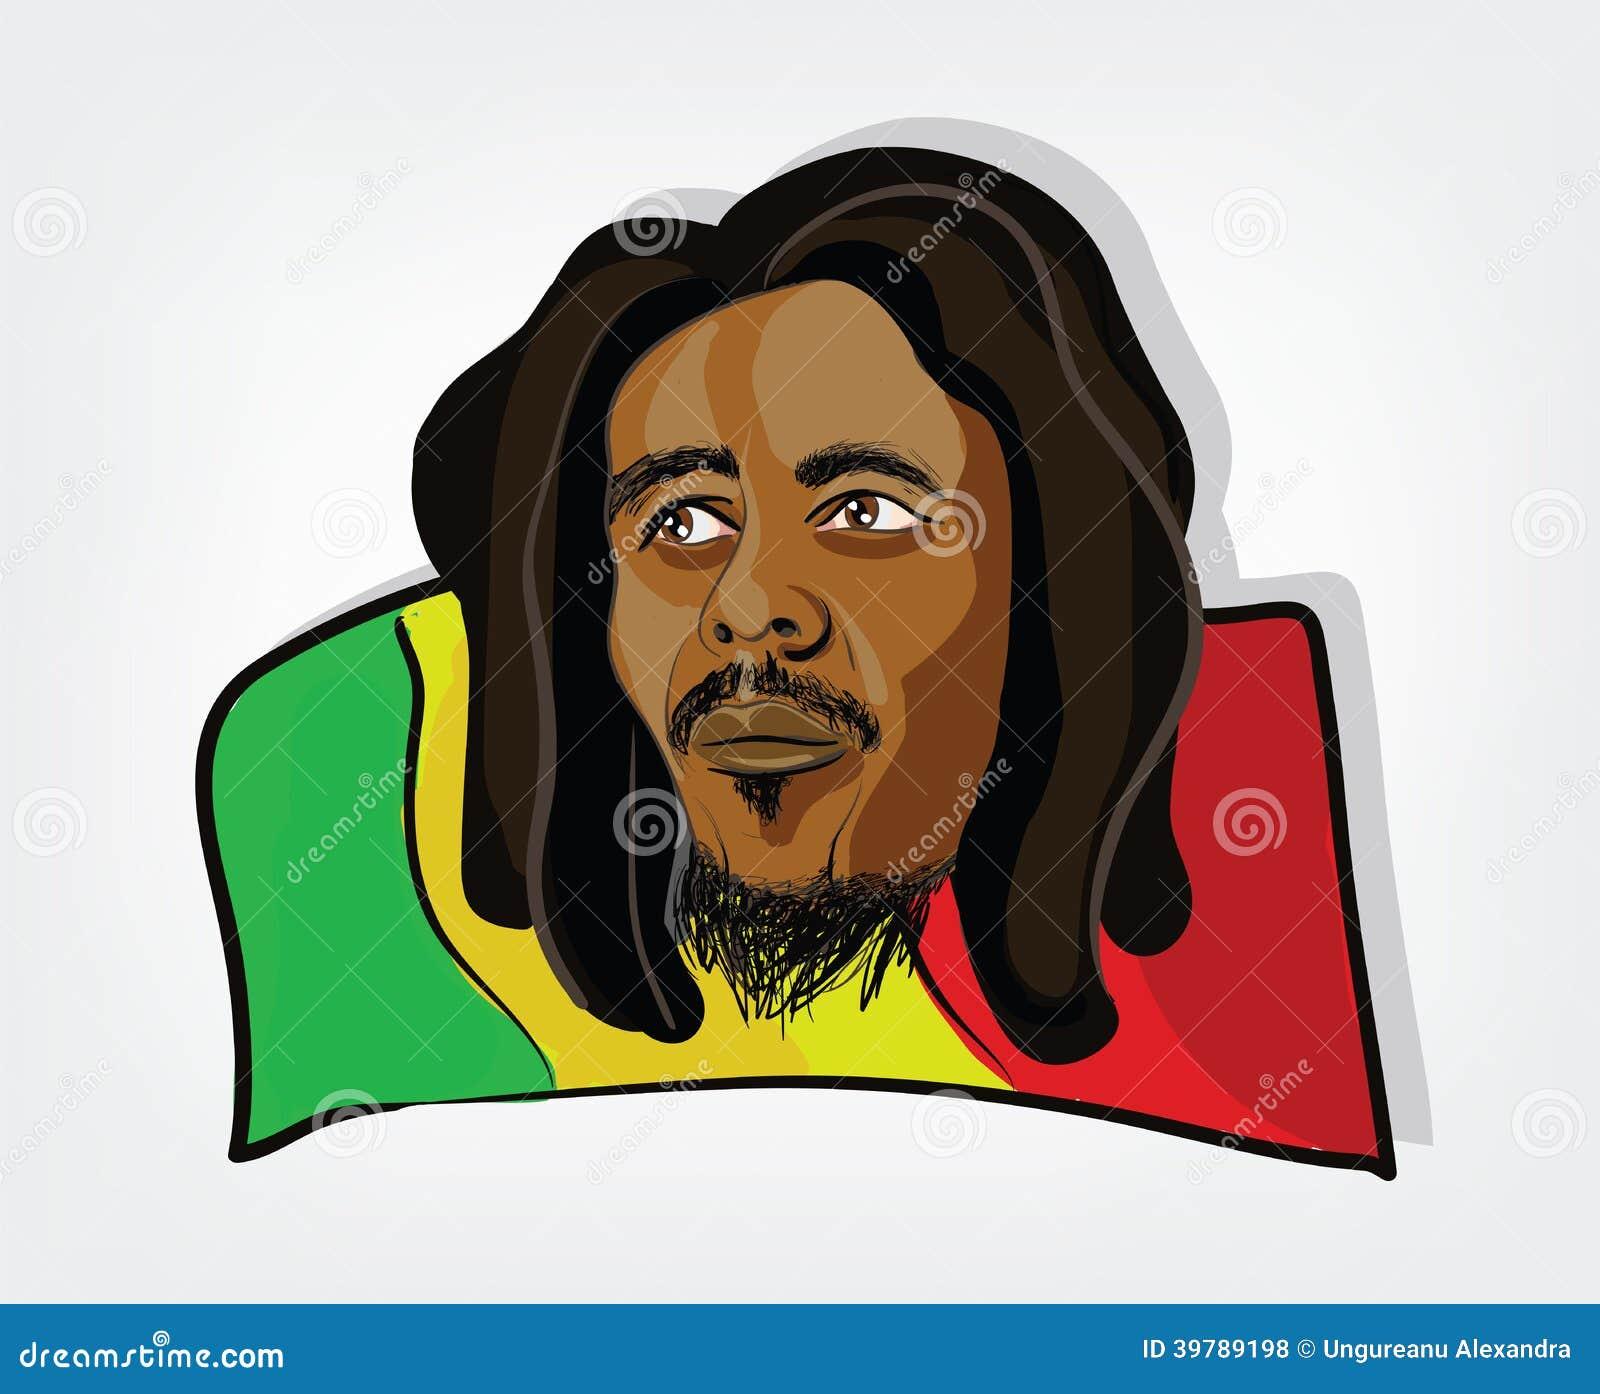 Rastafarian Flag Stock Photo Cartoondealer Com 52333782